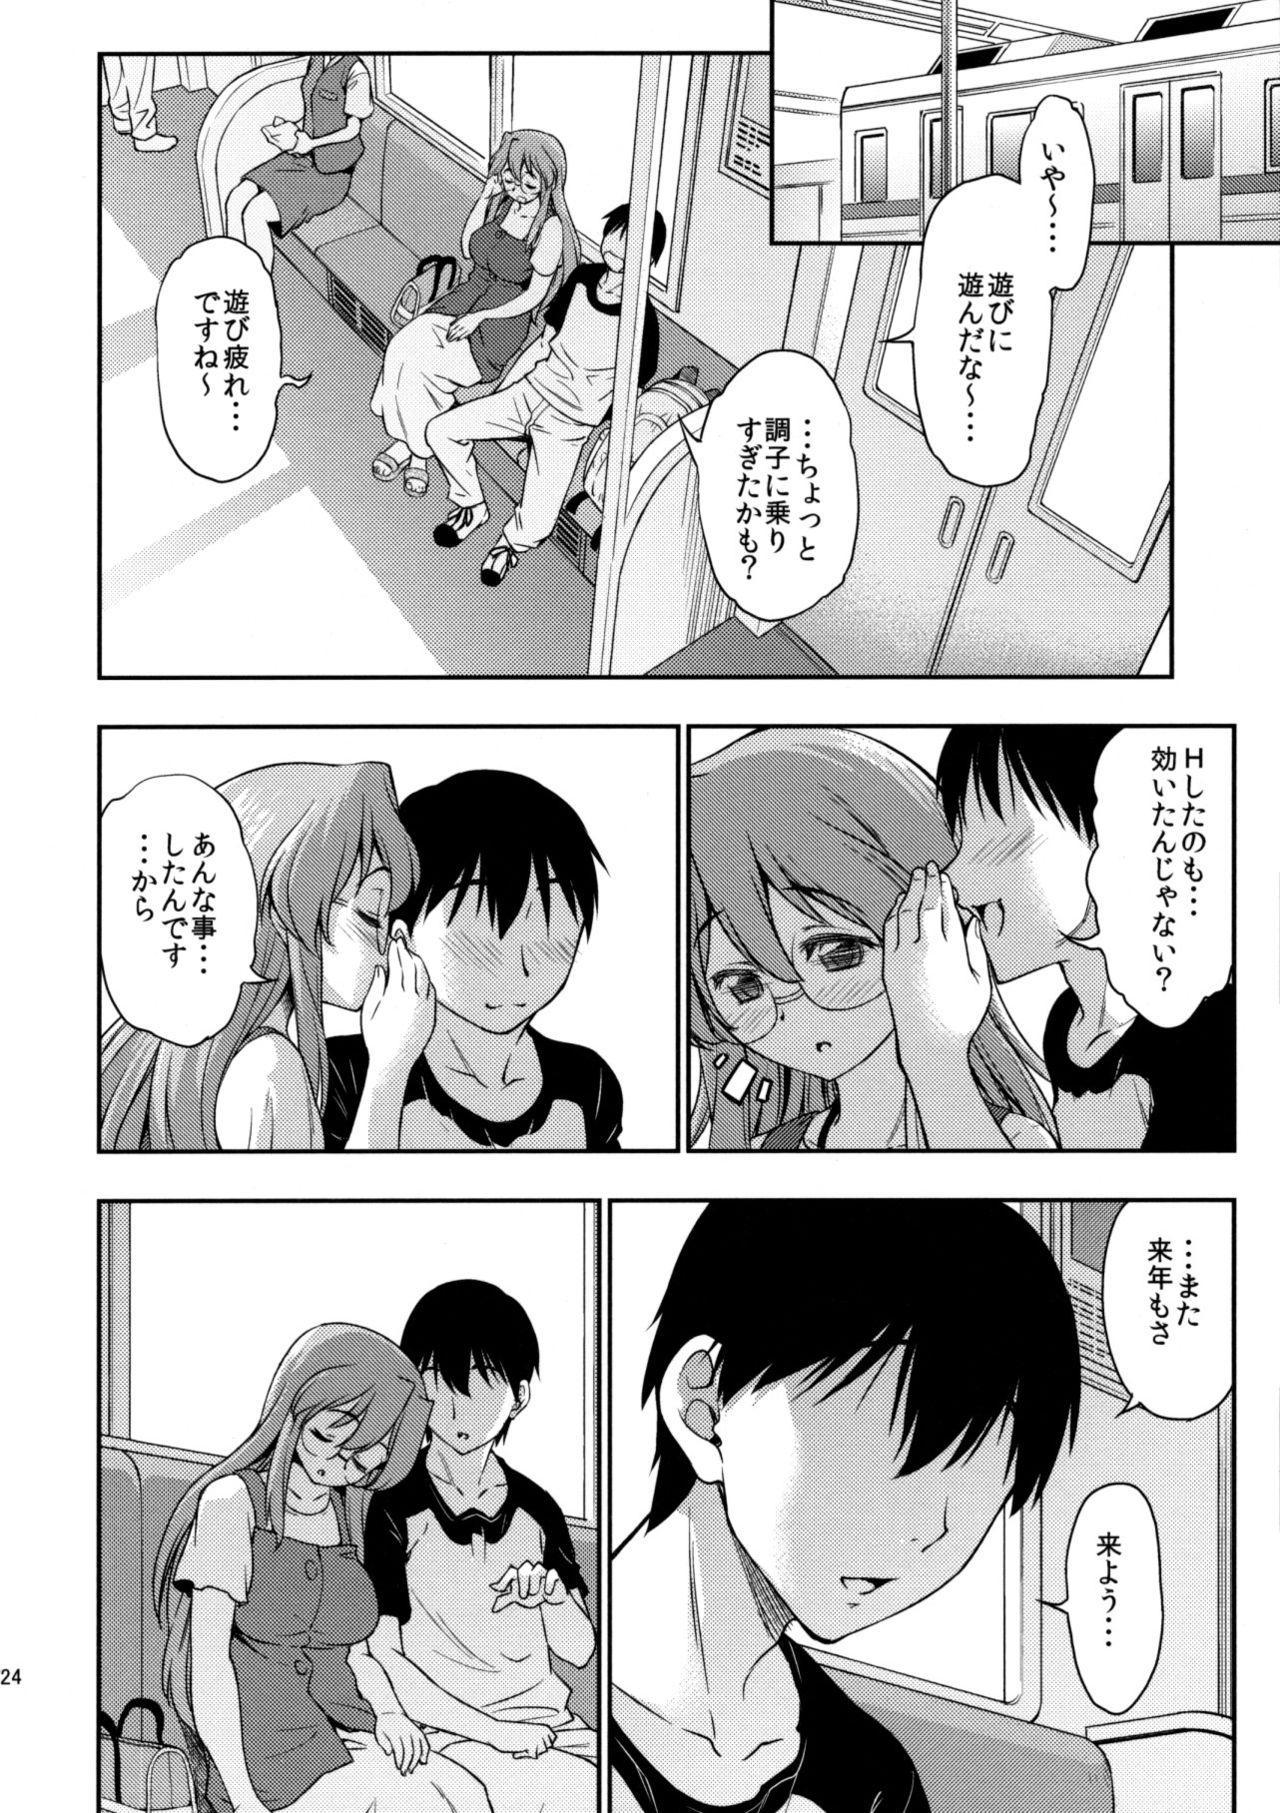 Natsu ga Kimi o Irodoru 22